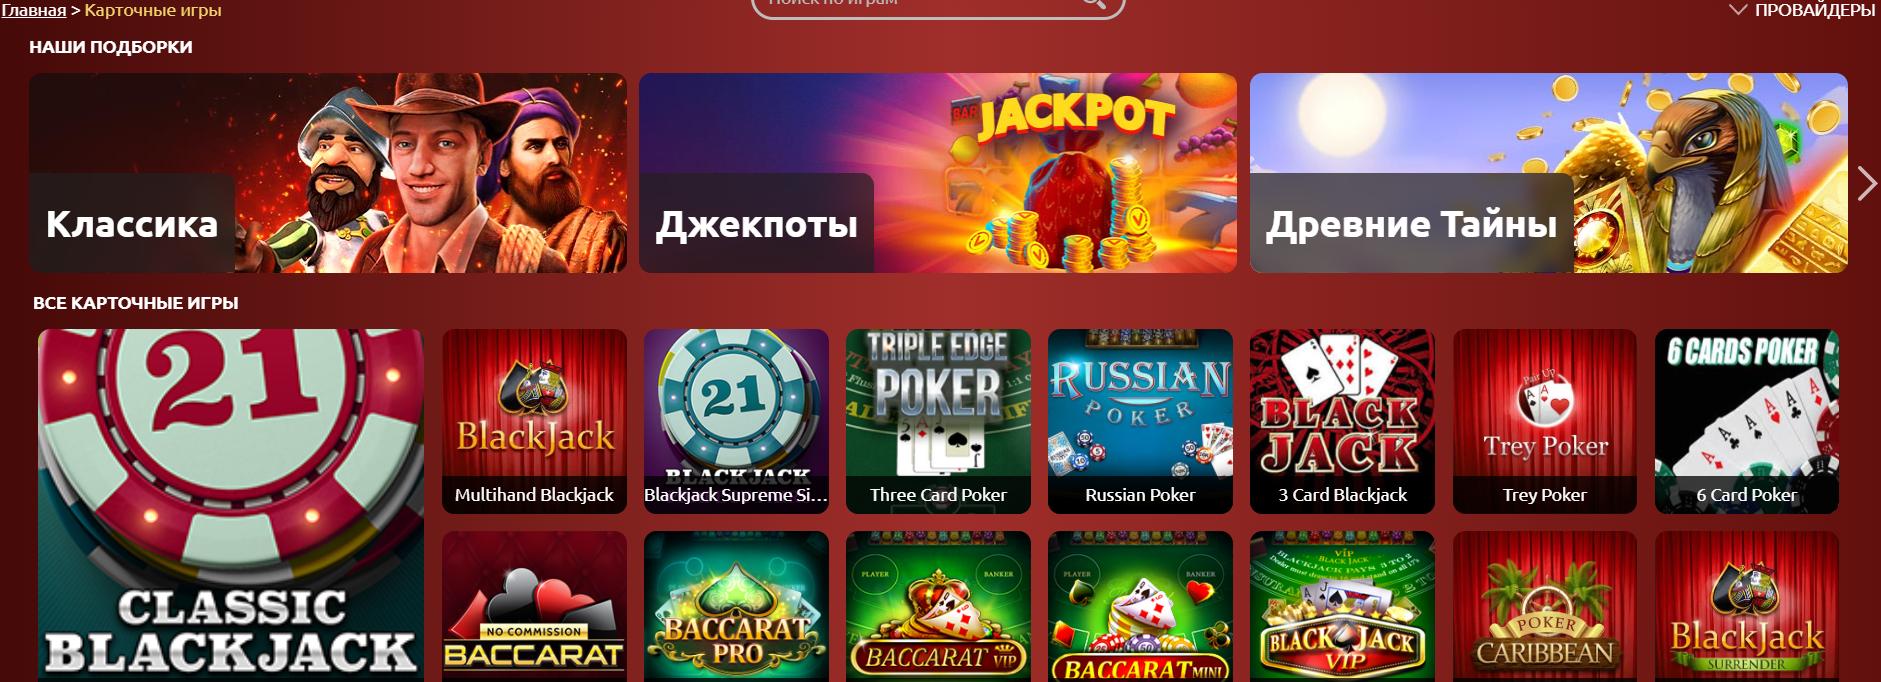 Настольные игры в казино Million